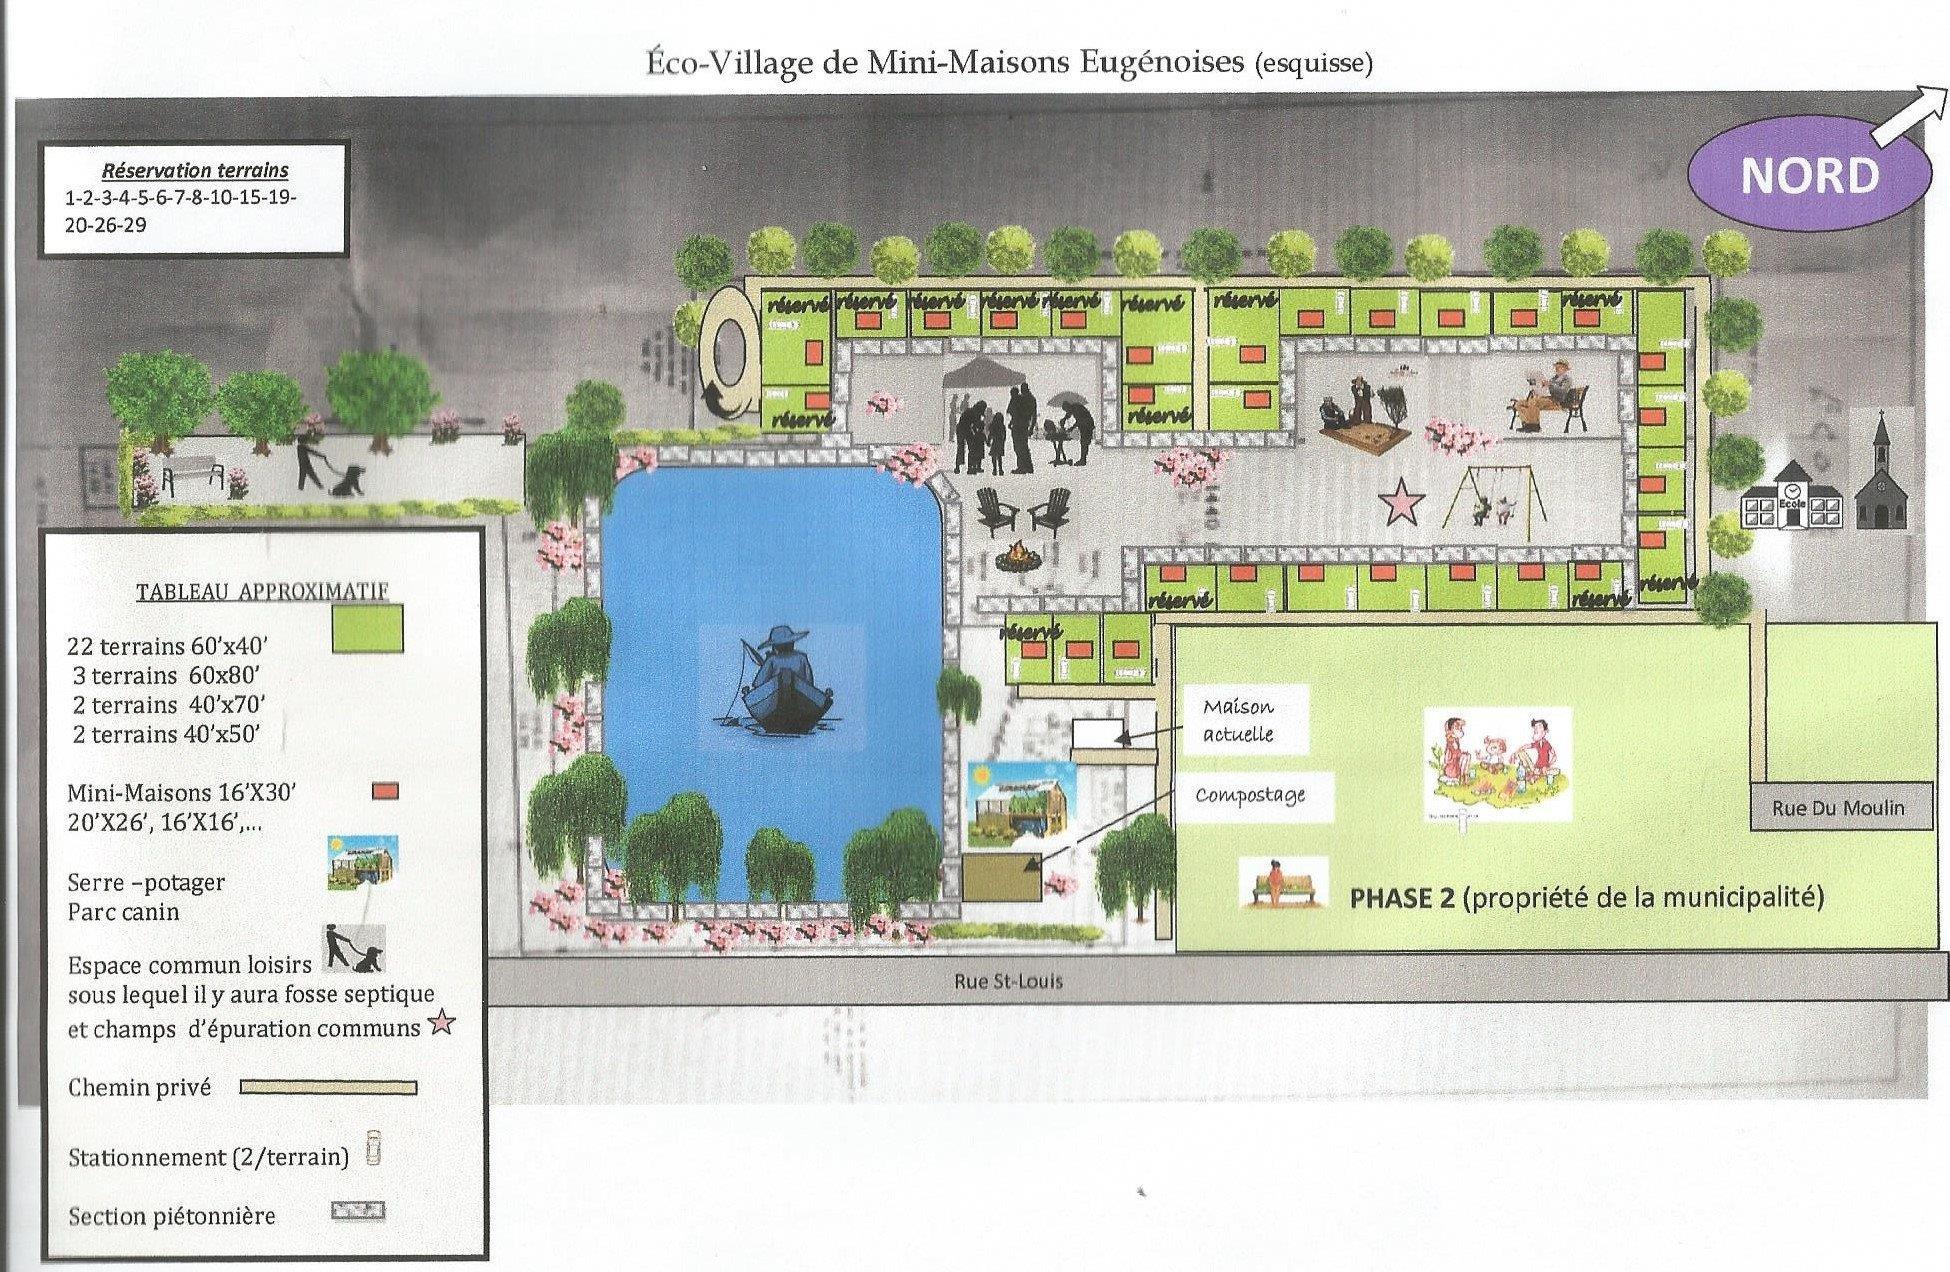 eco-village-minimaisons-sont-autorisees-a-saint-eugene-drummondville